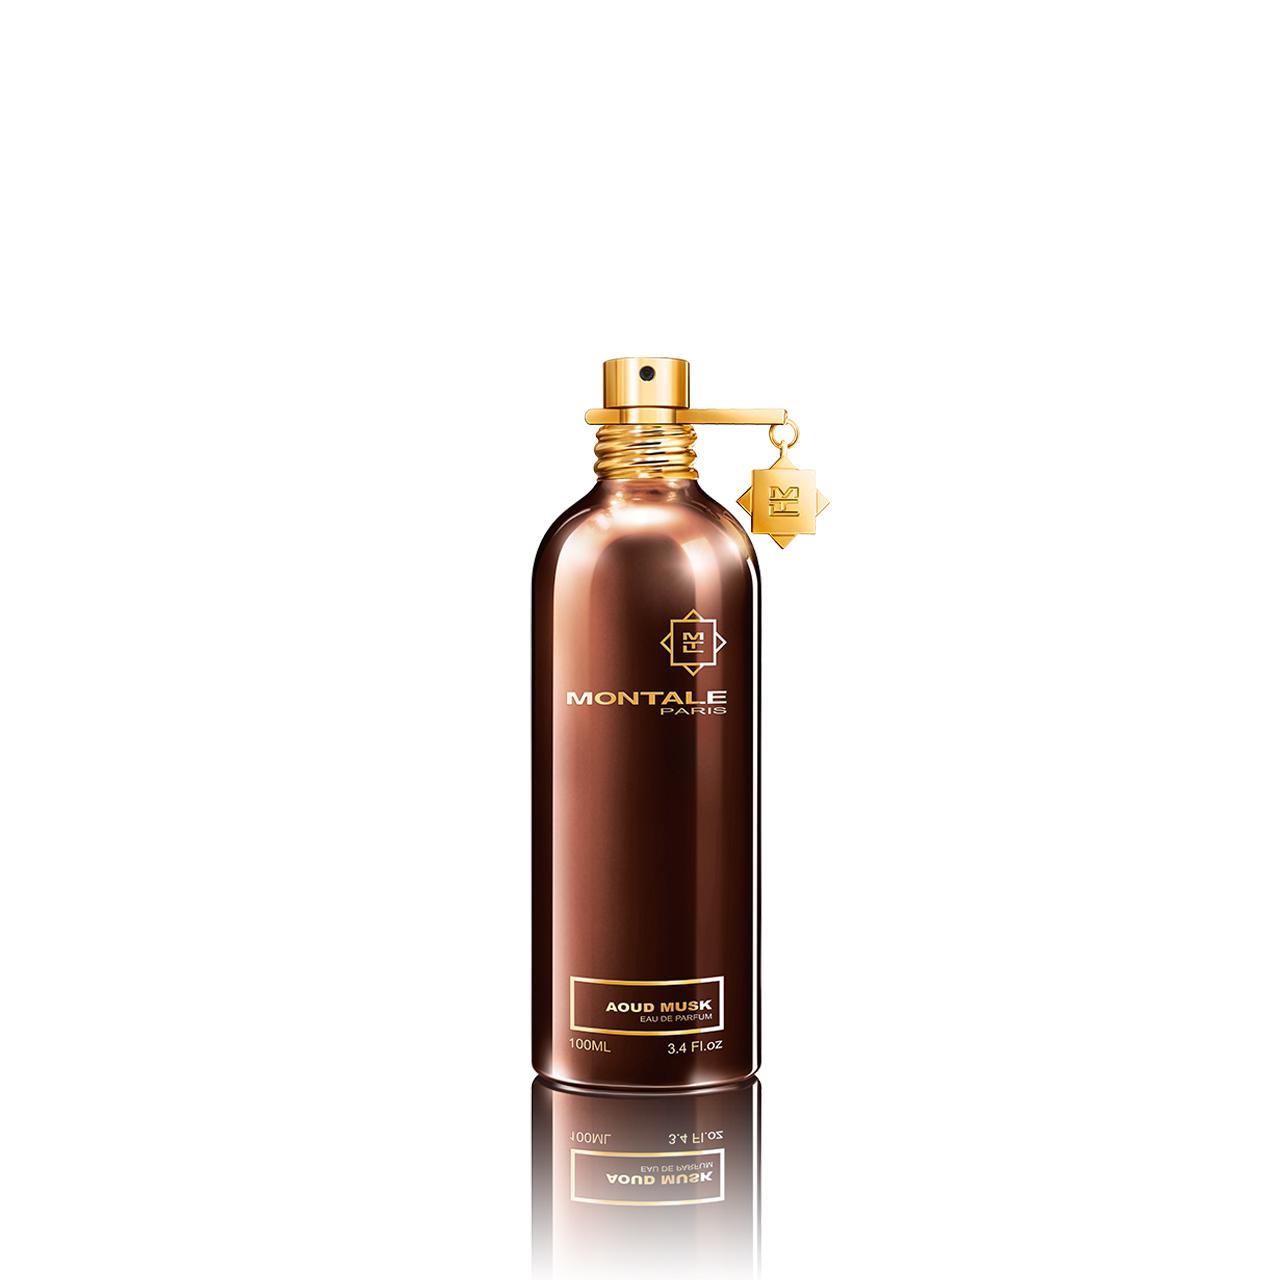 Aoud Musk - Eau de Parfum